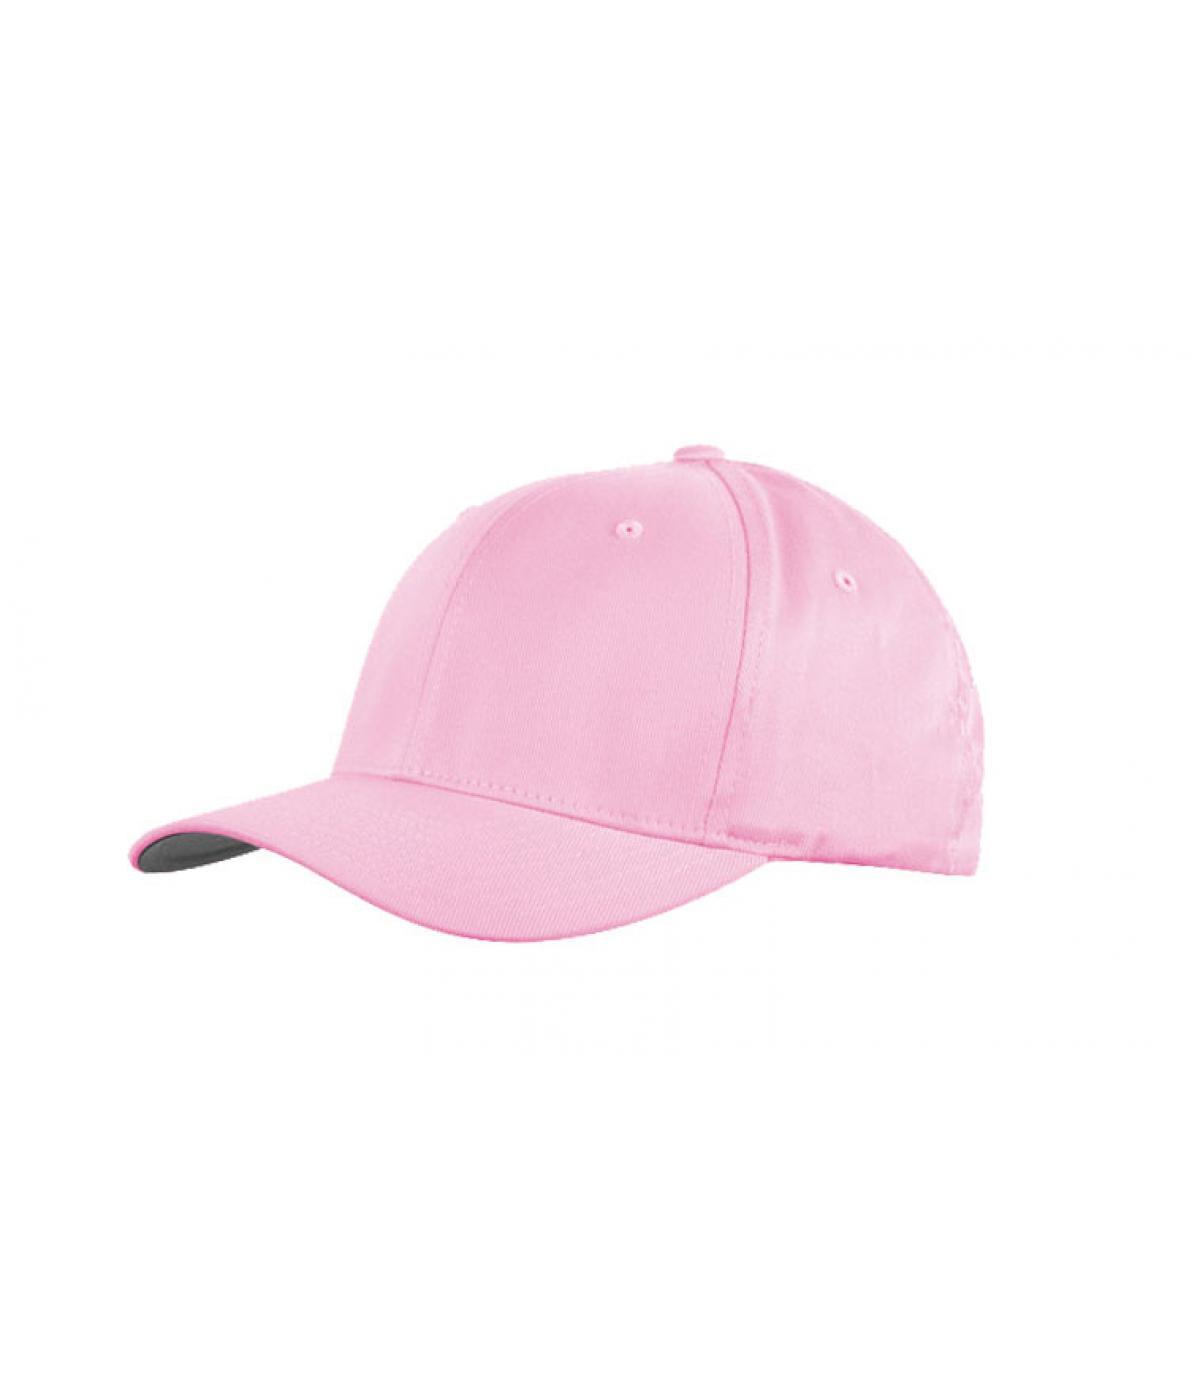 Details Cap roze flexfit - afbeeling 1